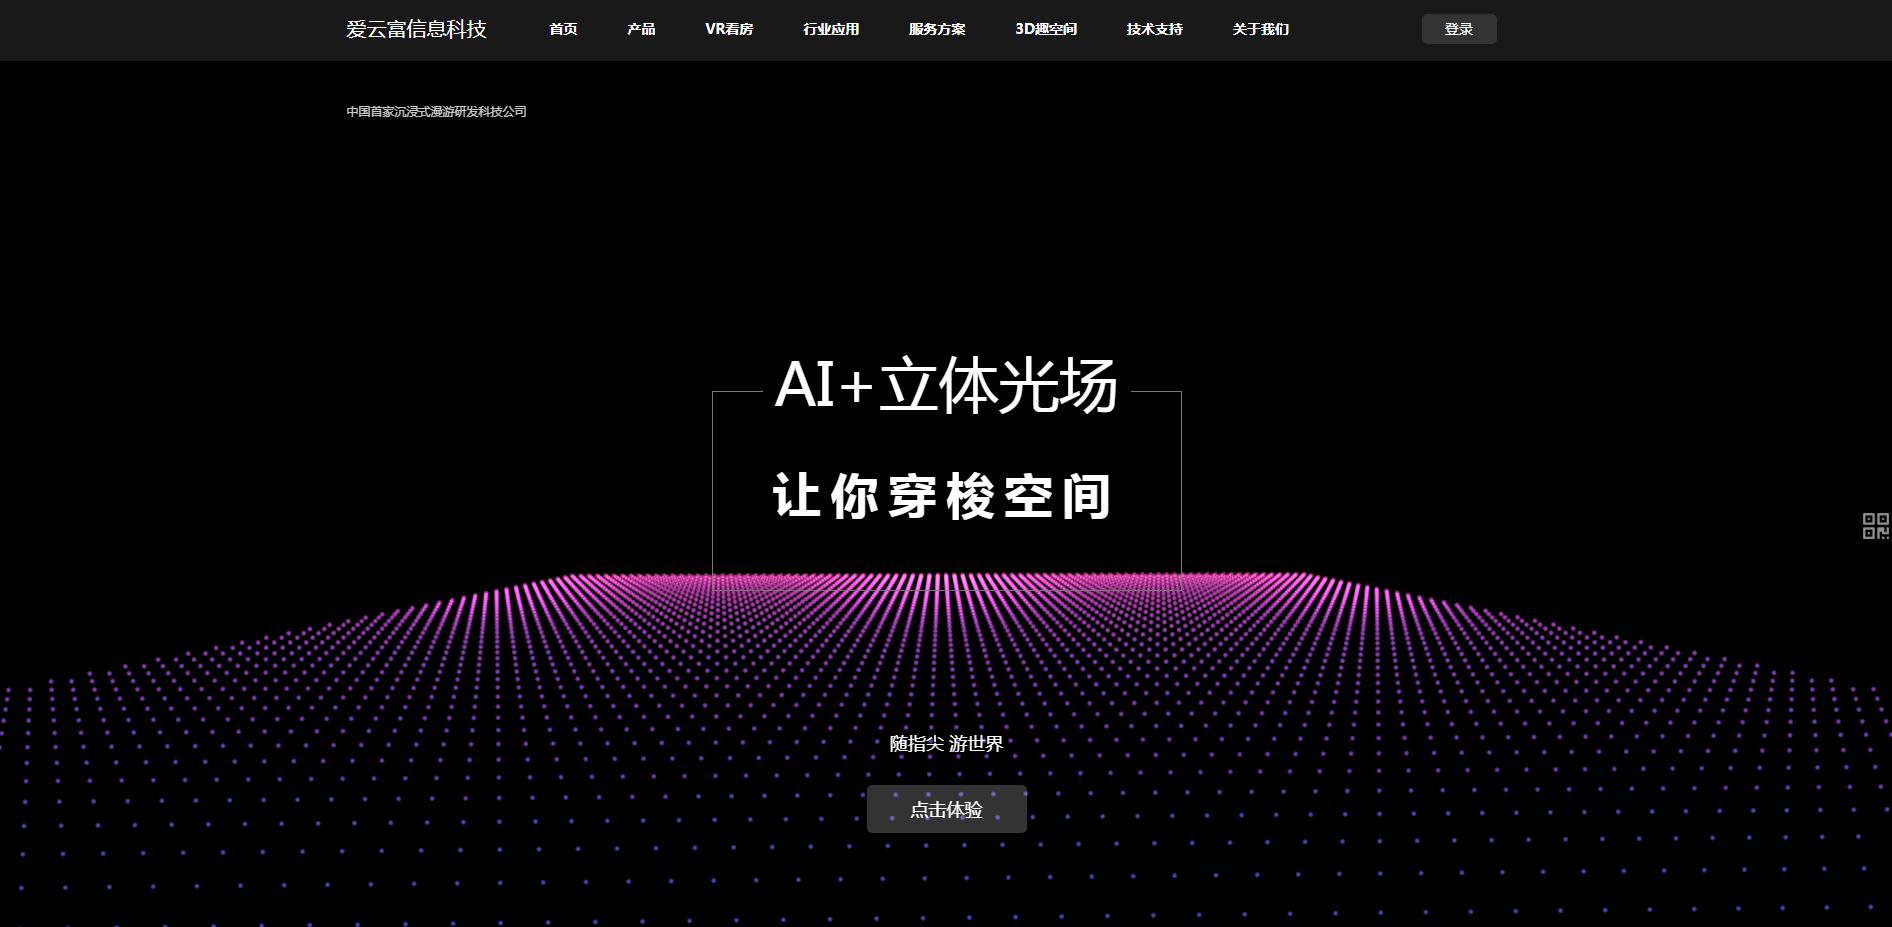 爱云富信息科技-Vr行业网站开发